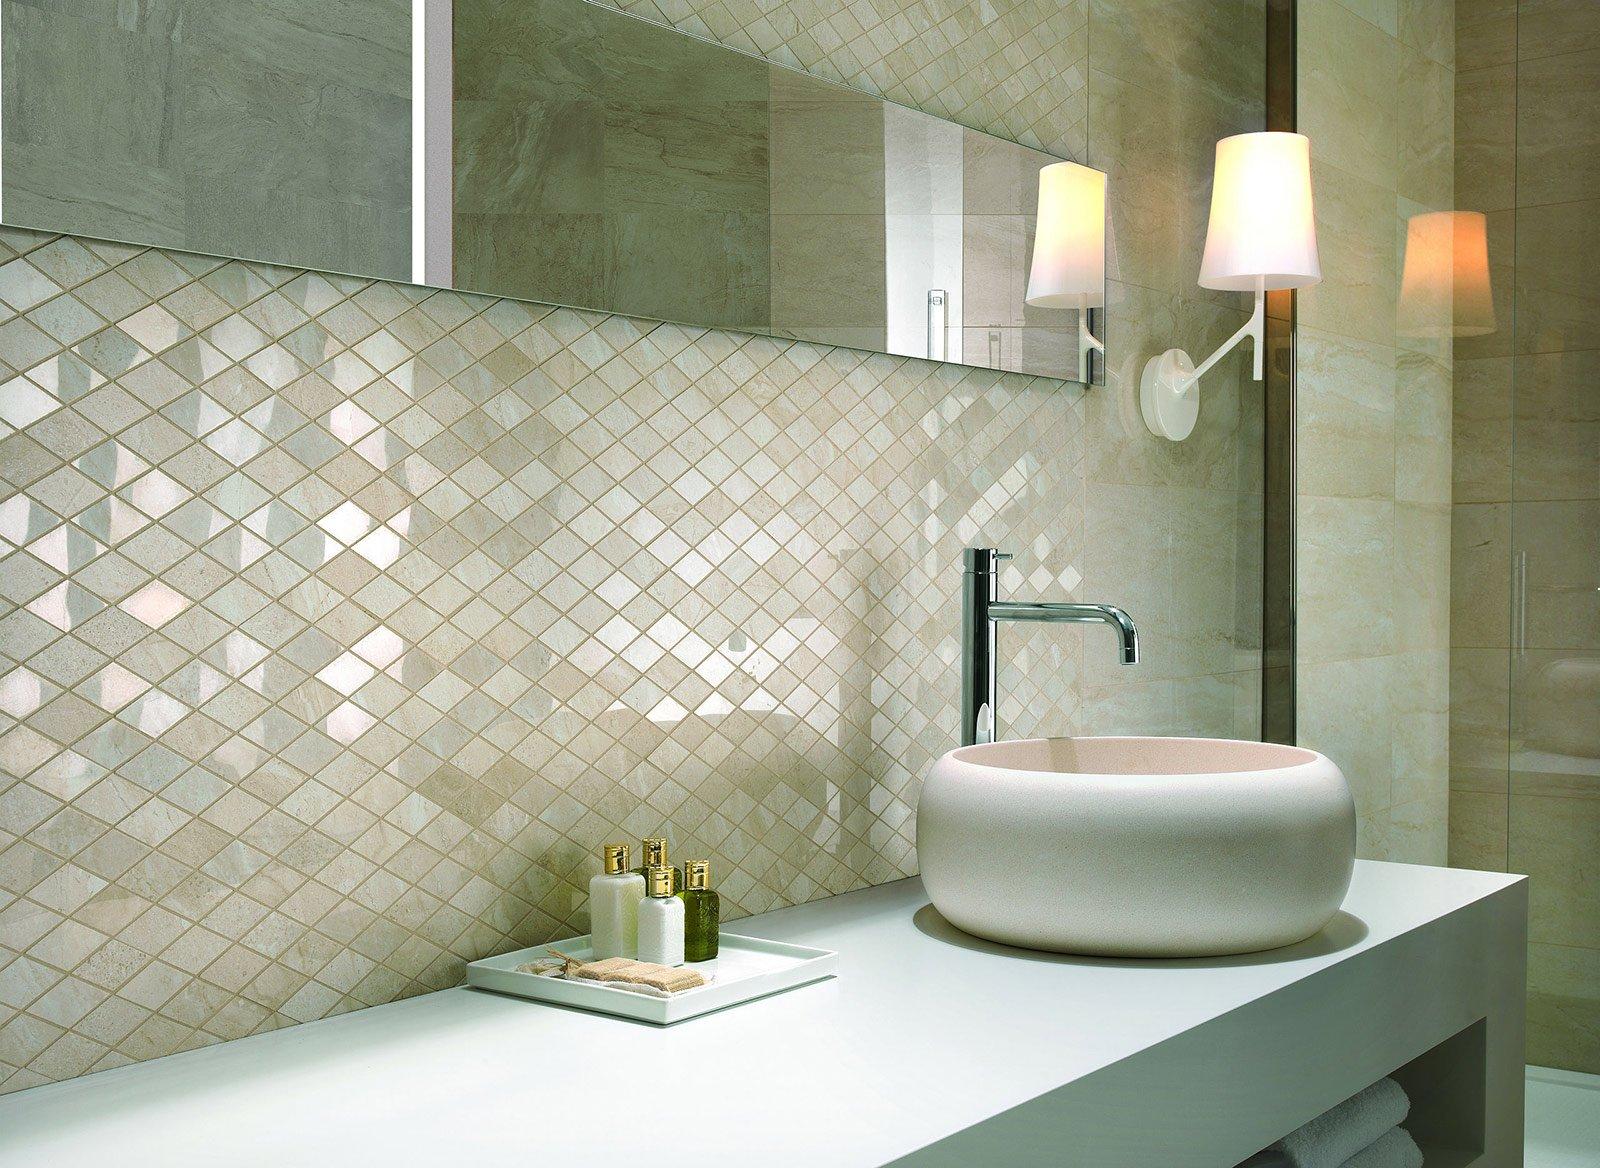 Rivestimenti bagno moderno ragno ~ avienix.com for .